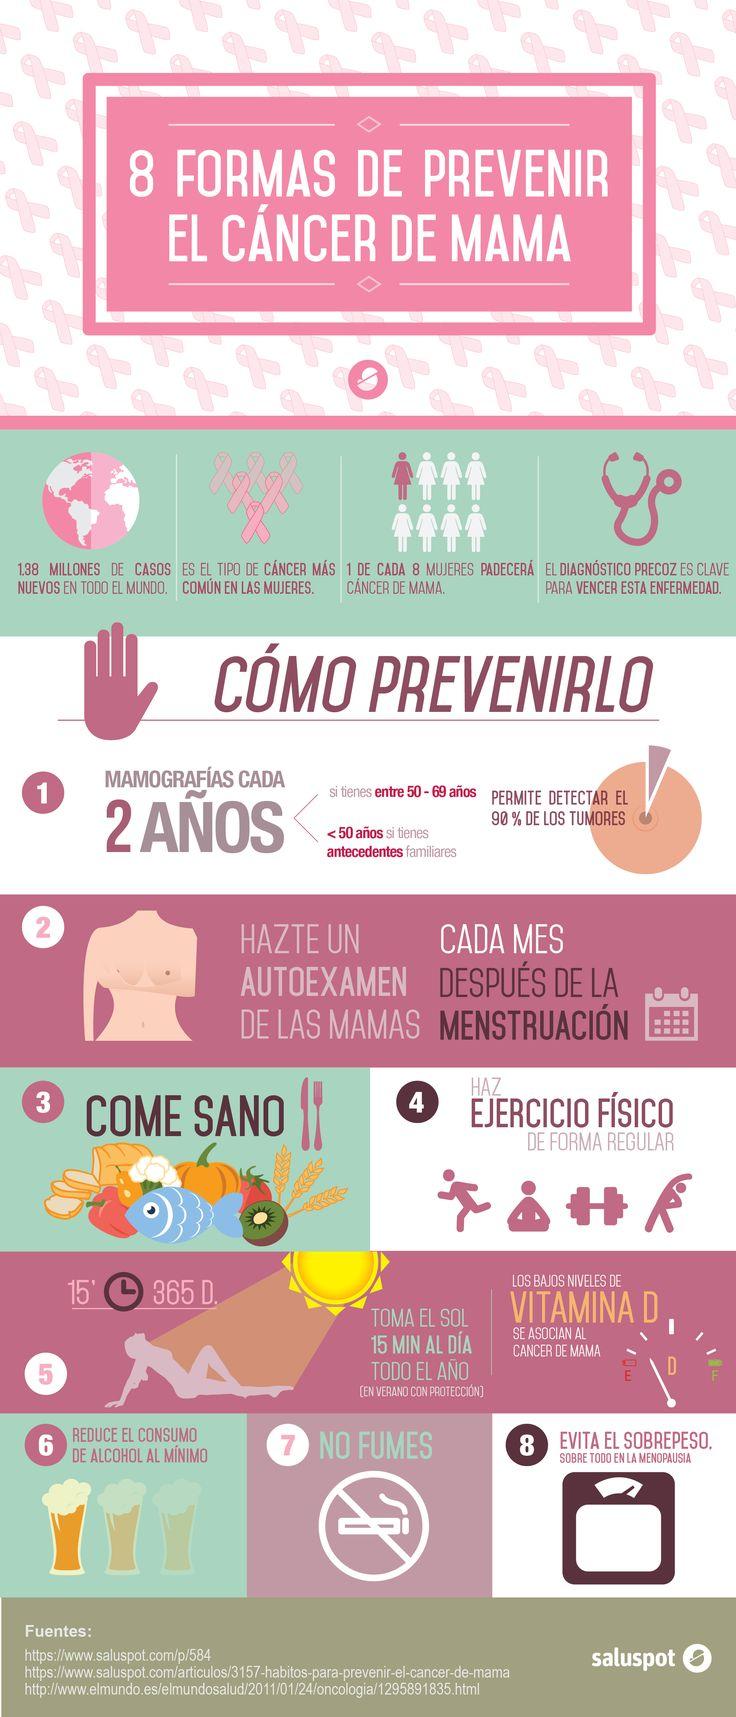 #Infografia: 8 formas de prevenir el #cancer de mama